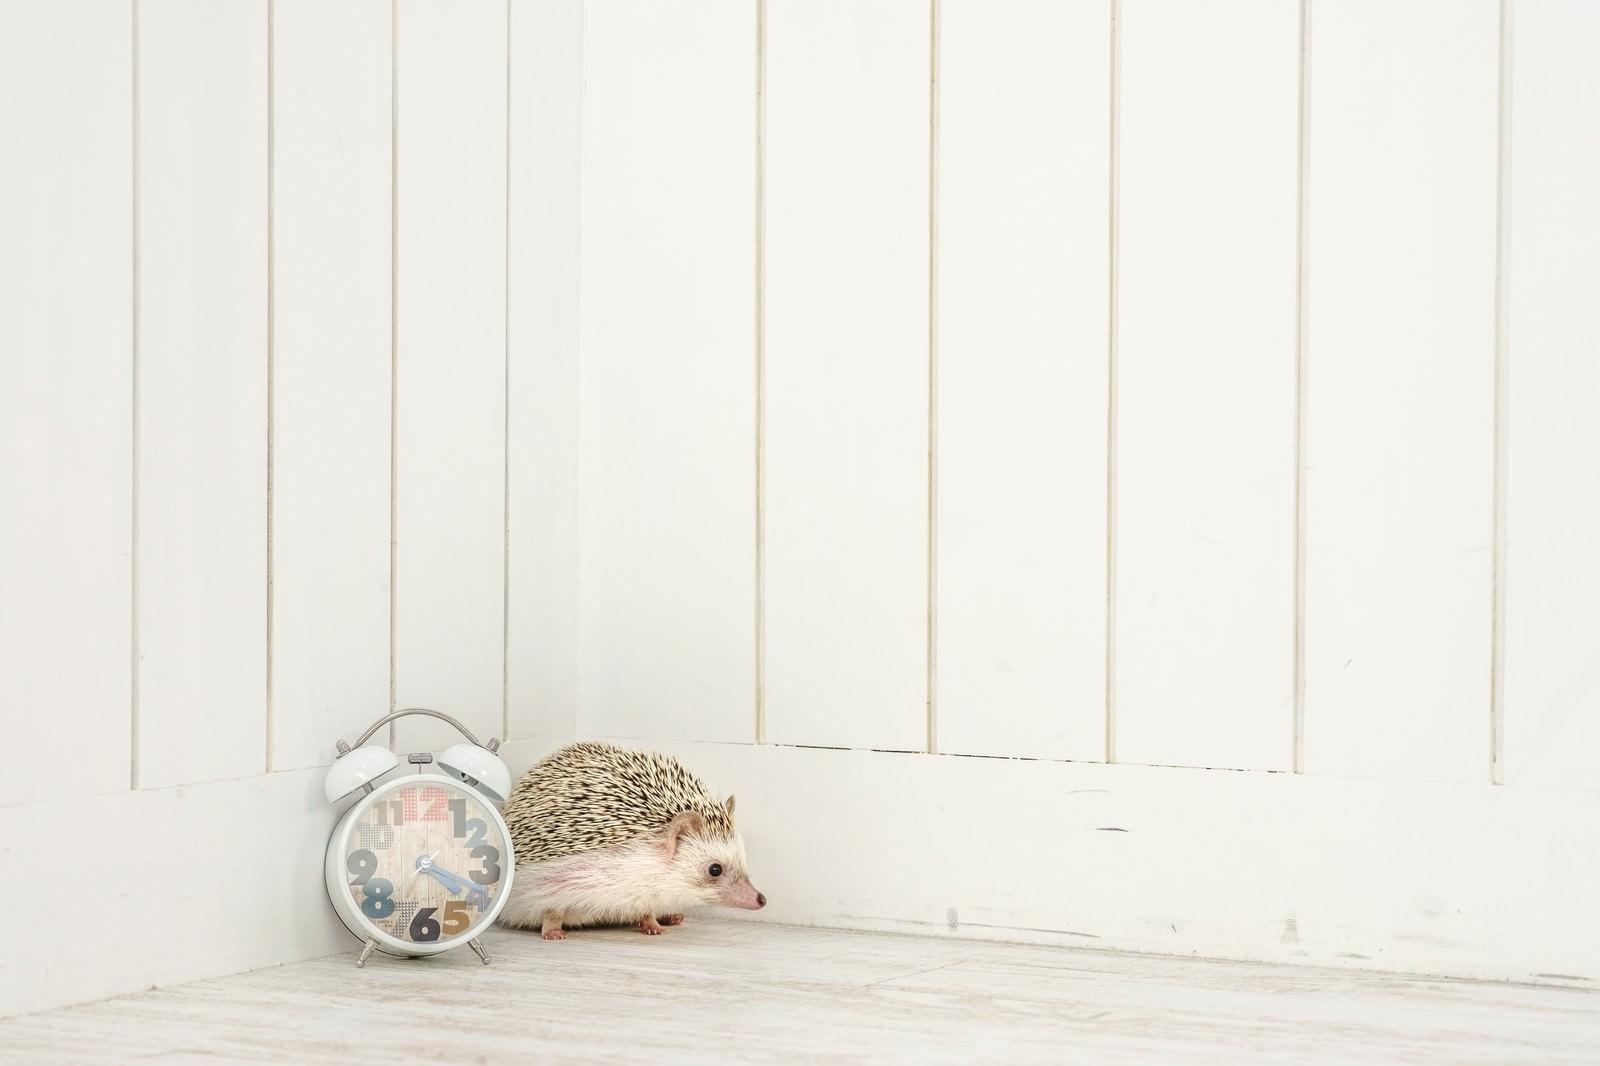 「待ち合わせの時刻を過ぎても待ち続けるハリネズミ」の写真